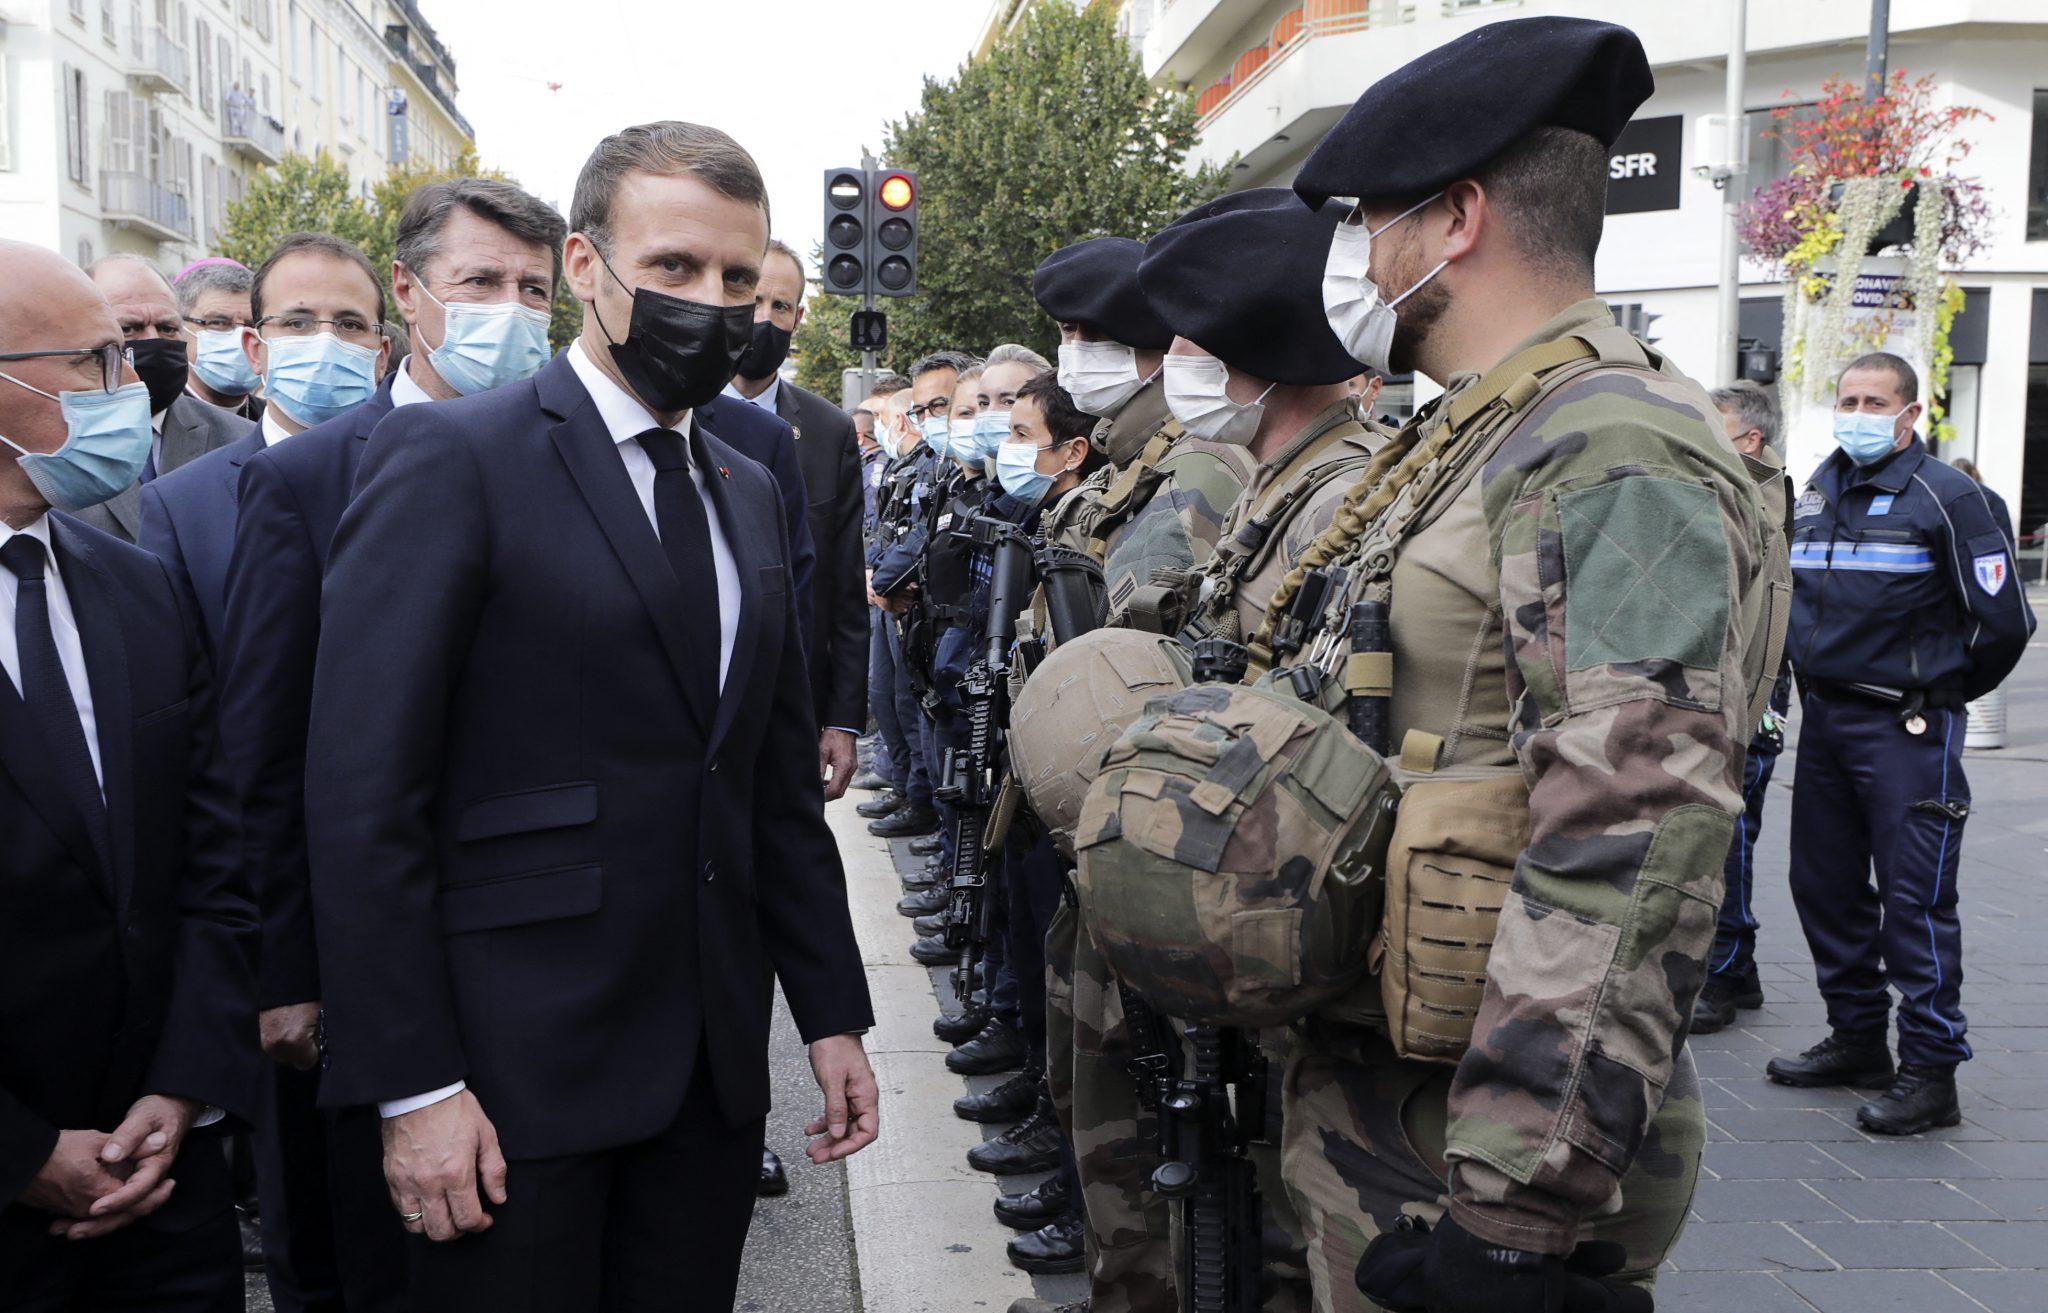 Frankreichs Präsident Emmanuel Macron (M.) sprach den Sicherheitskräften in Nizza seinen Dank aus Foto: picture alliance / abaca